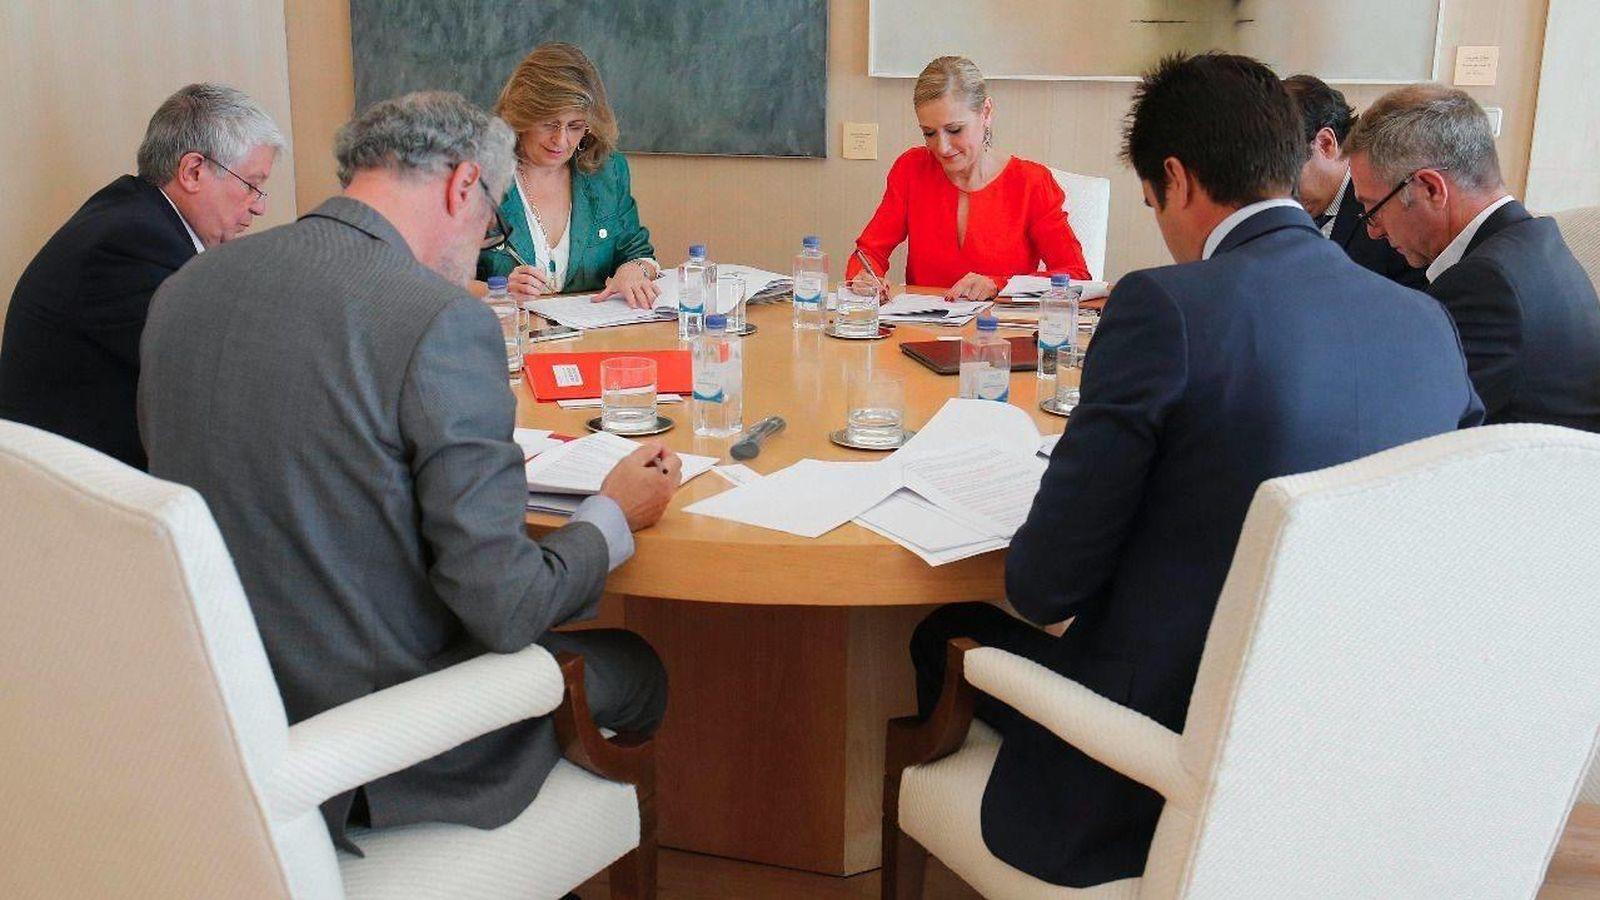 Foto: Luis Cueto (de espaldas), Arturo Fernández, Engracia Hidalgo y Cristina Cifuentes  (Foto:Comunidad de Madrid)